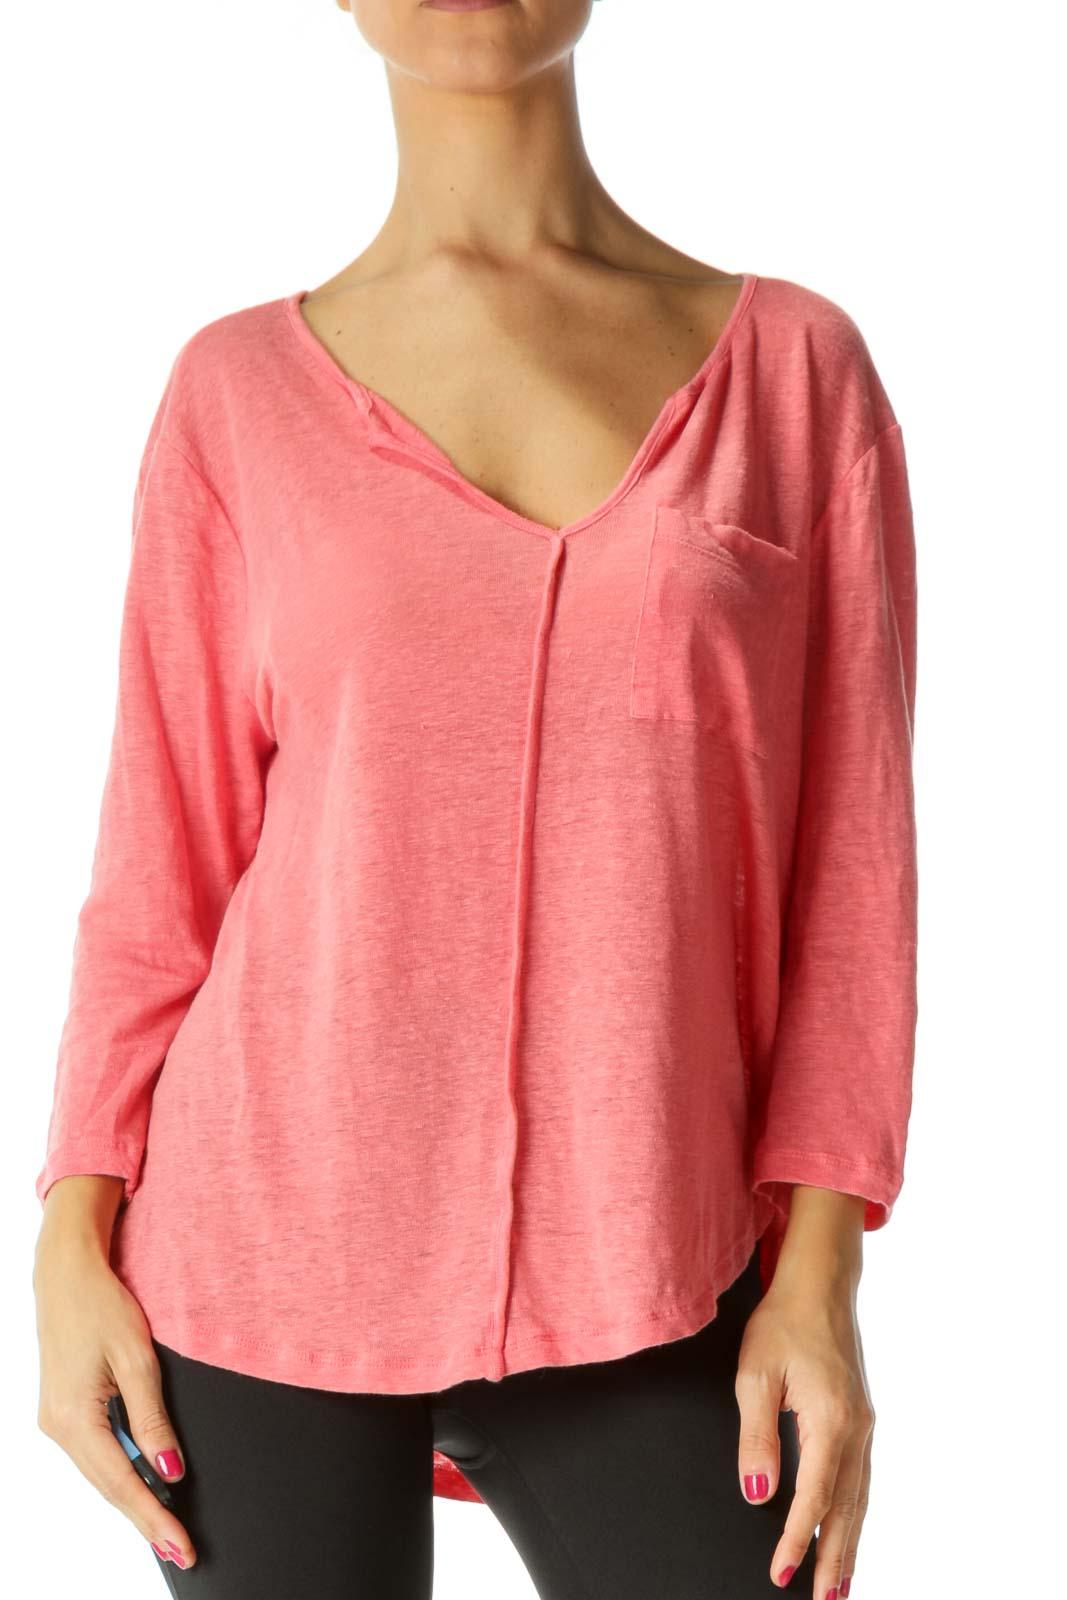 Pink V-Neck Breast Pocket 3/4 Sleeve Knit Top Front